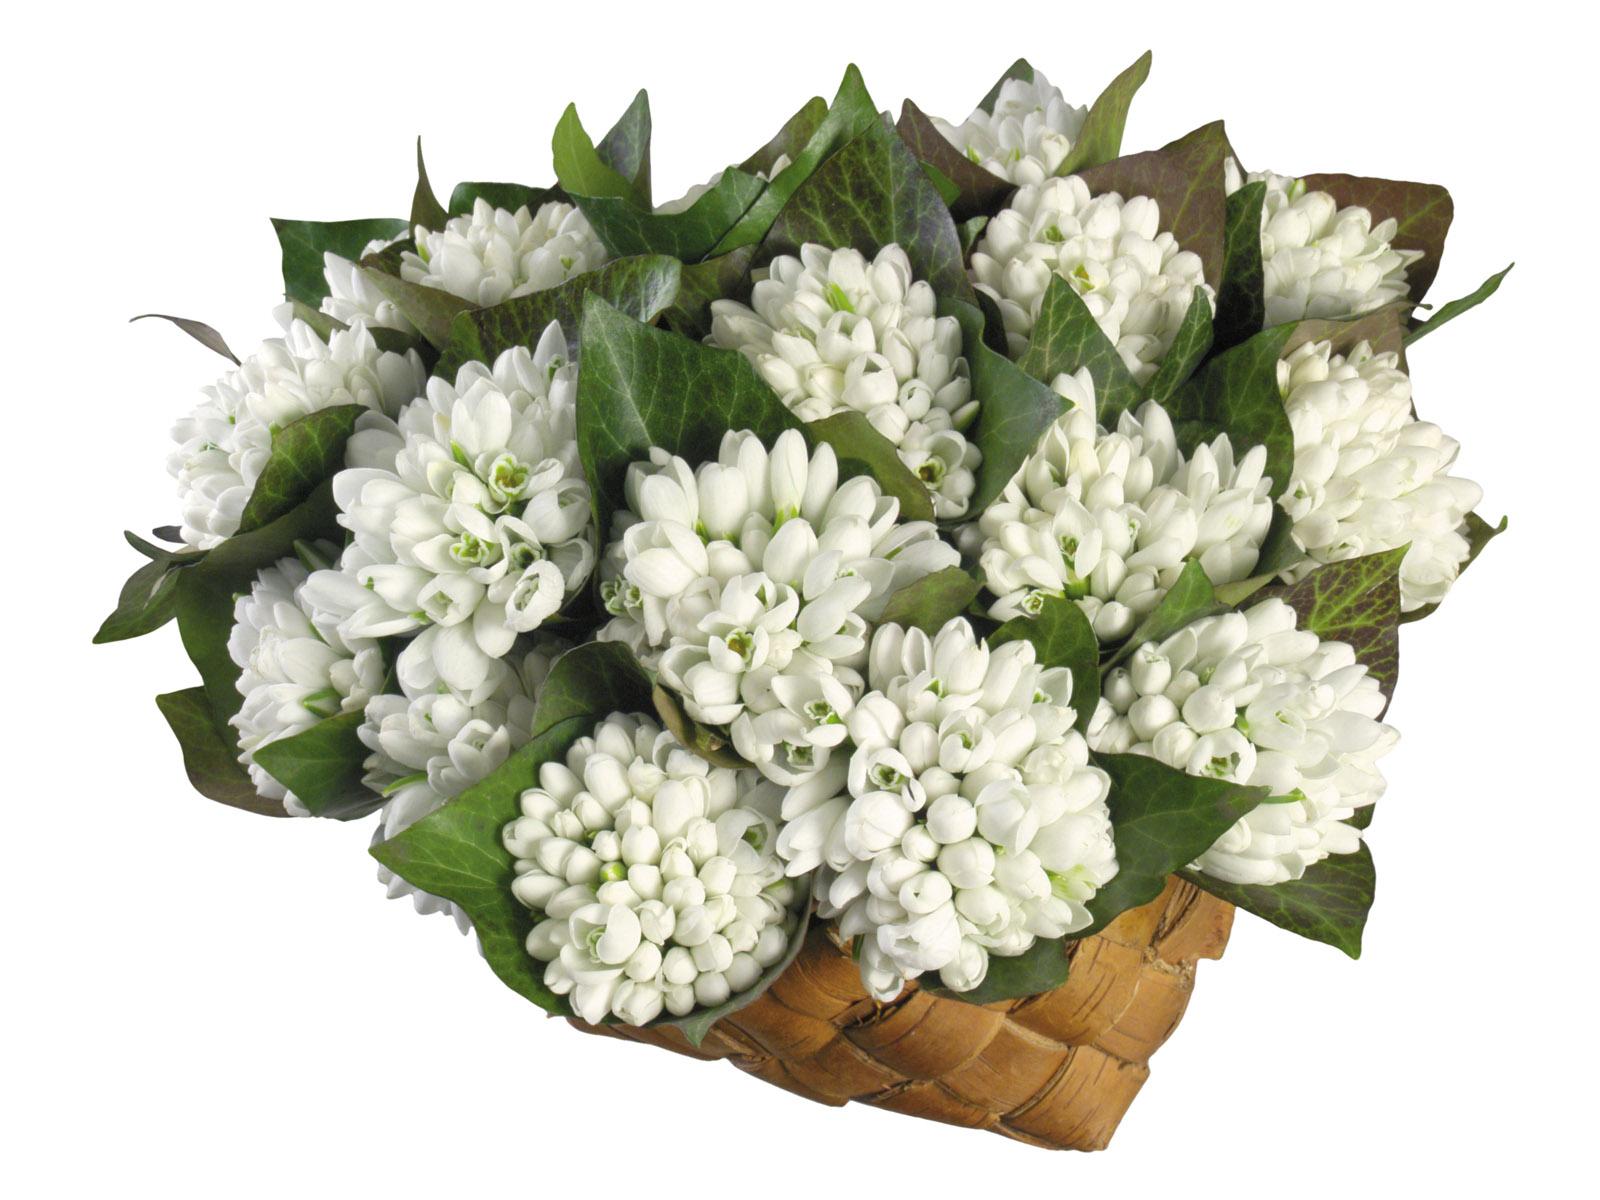 壁纸1600×1200白色花朵 4 18壁纸 白色花朵壁纸图片花卉壁纸花卉图片素材桌面壁纸